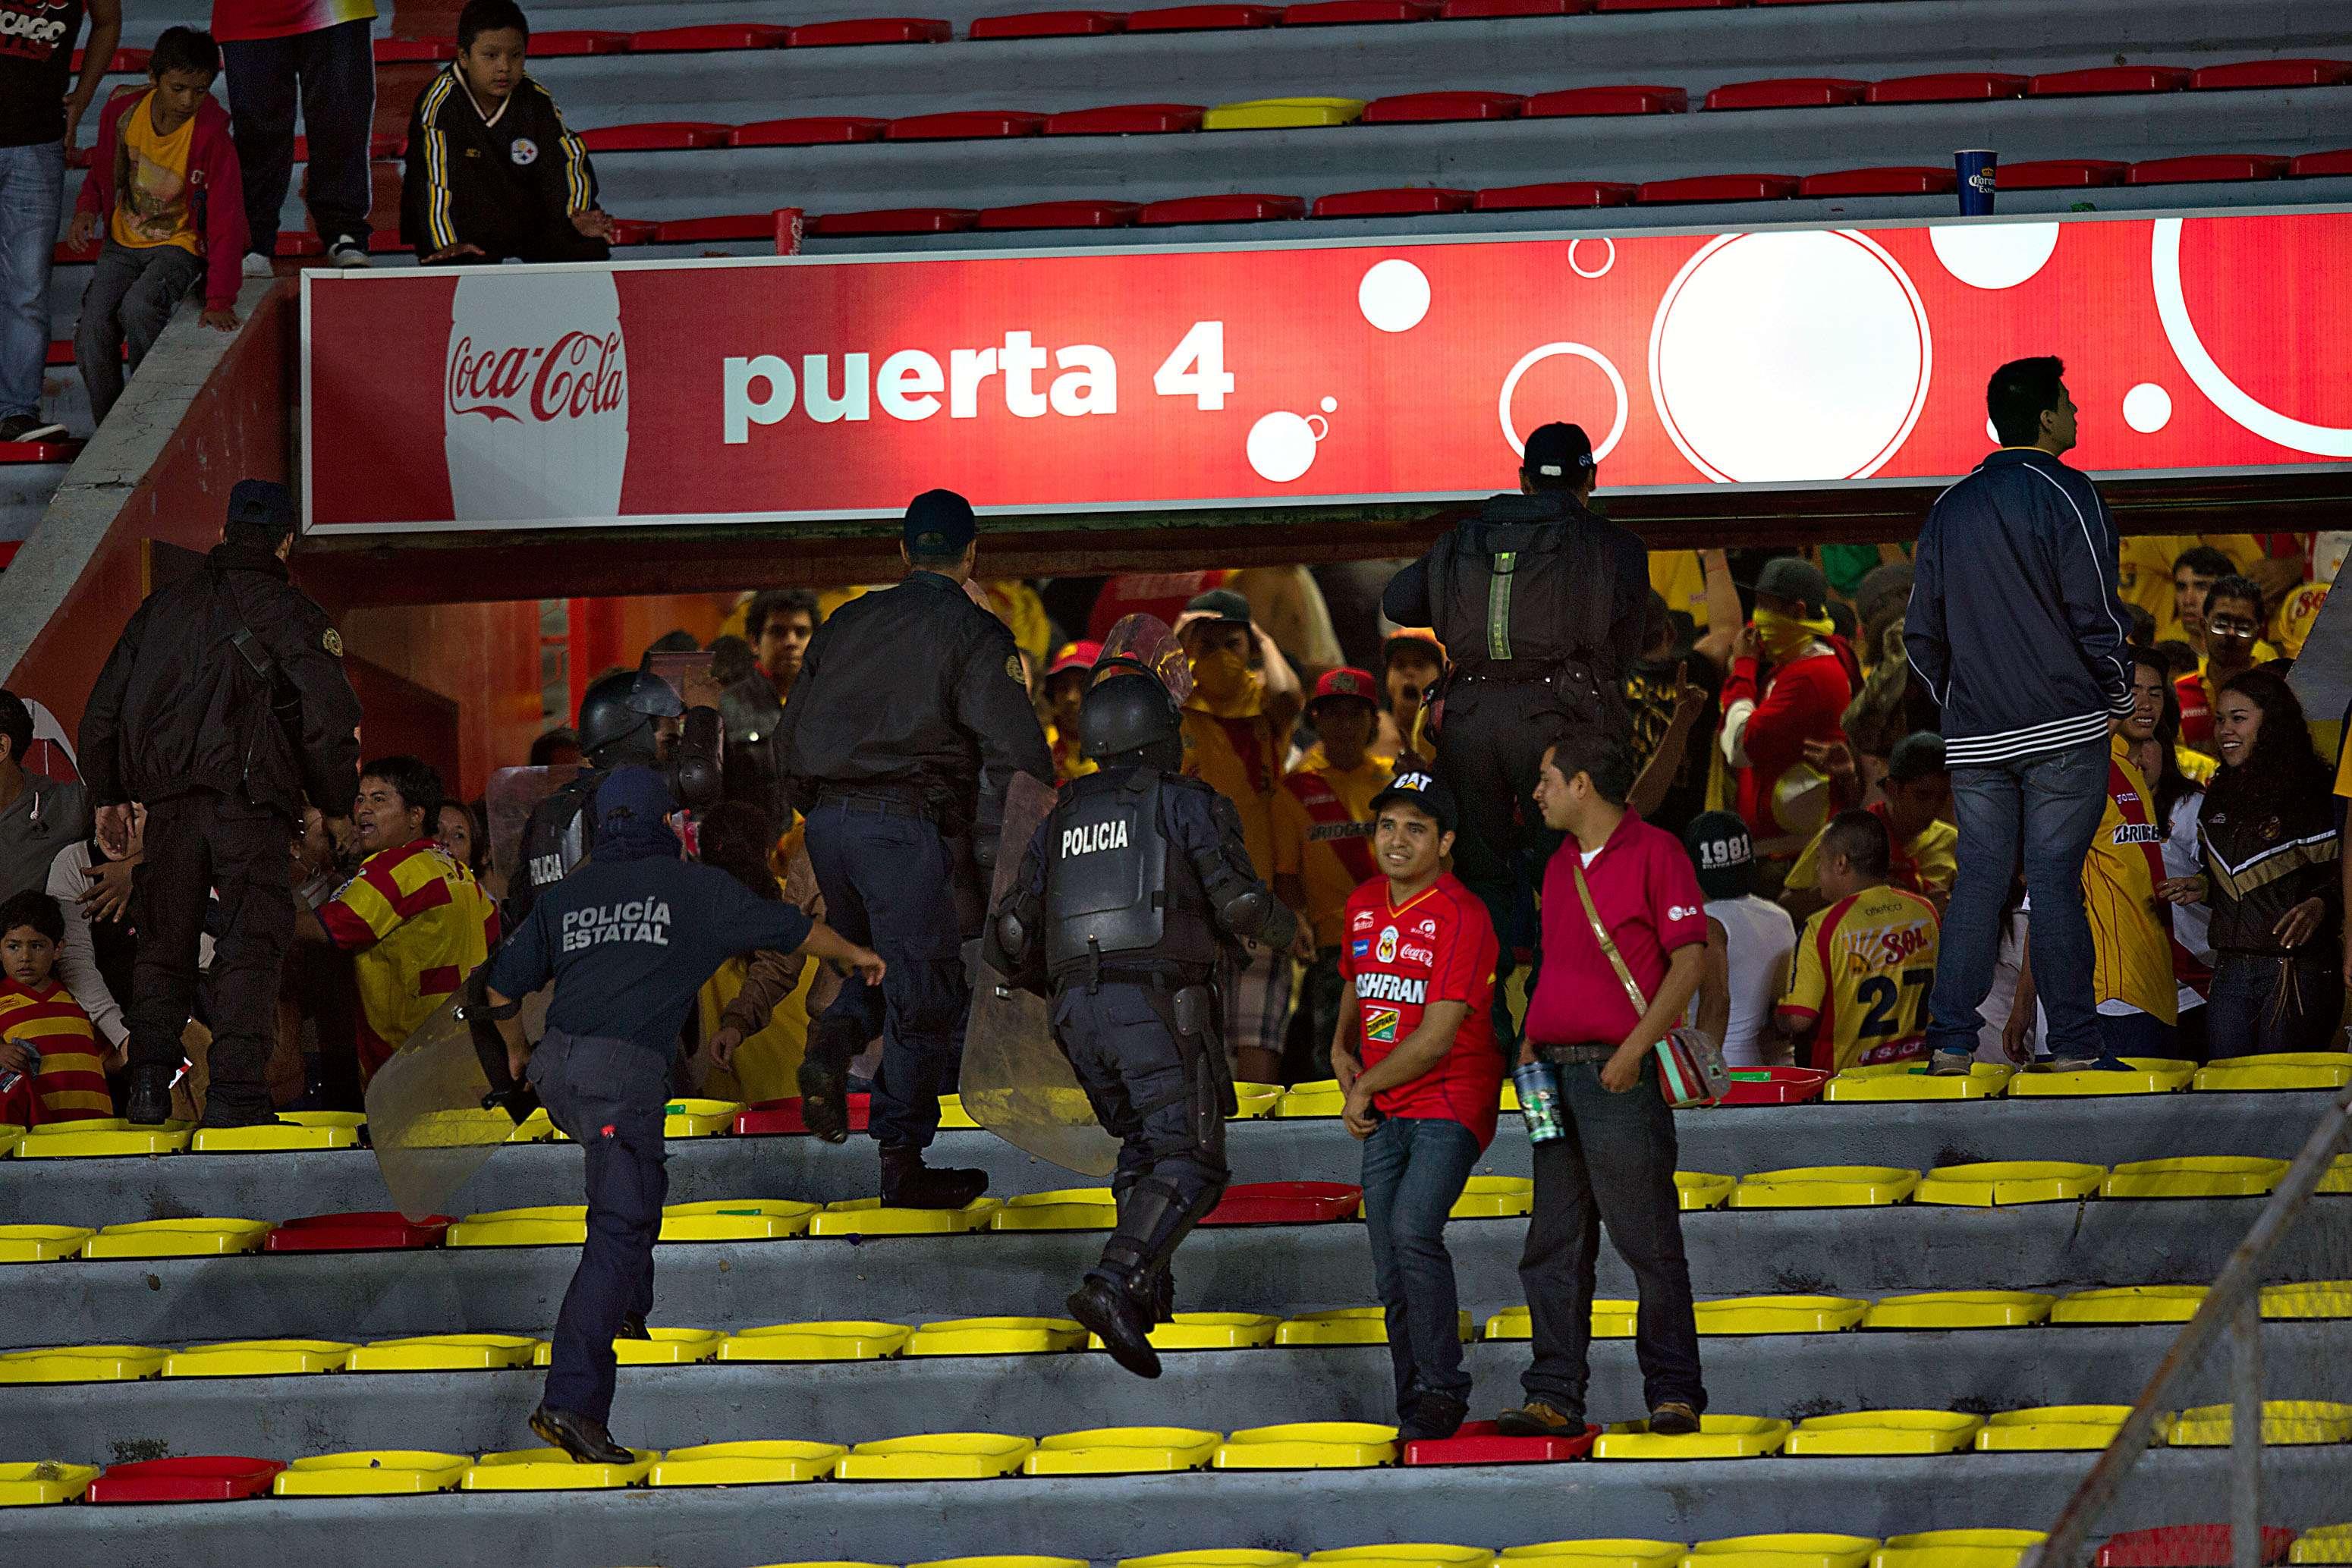 Los problemas en el Estadio Morelos en el partido entre Monarcas y Pumas de la UNAM. Foto: Mexsport